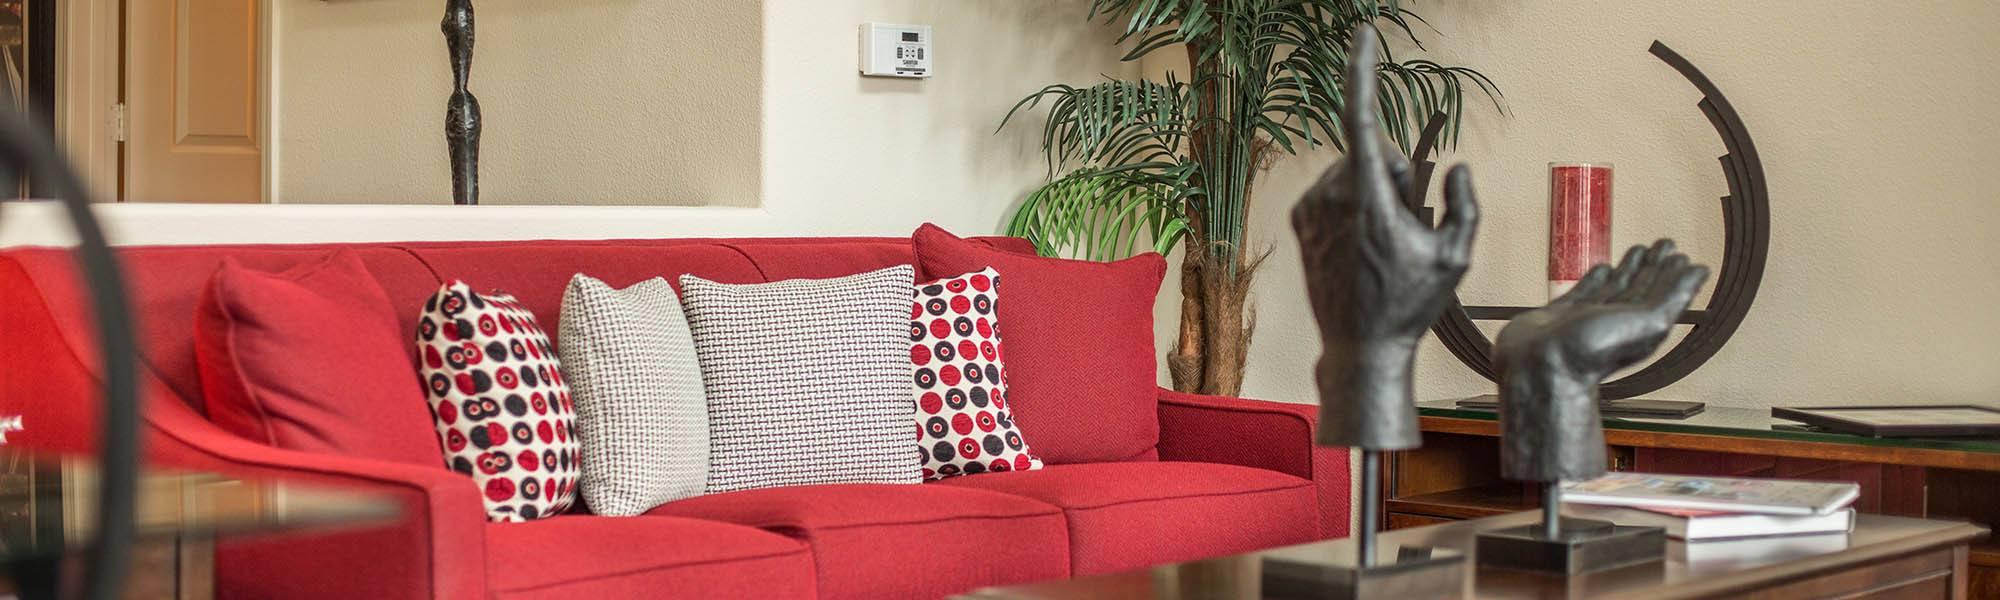 View our floor plans at Venu at Galleria Condominium Rentals on our website